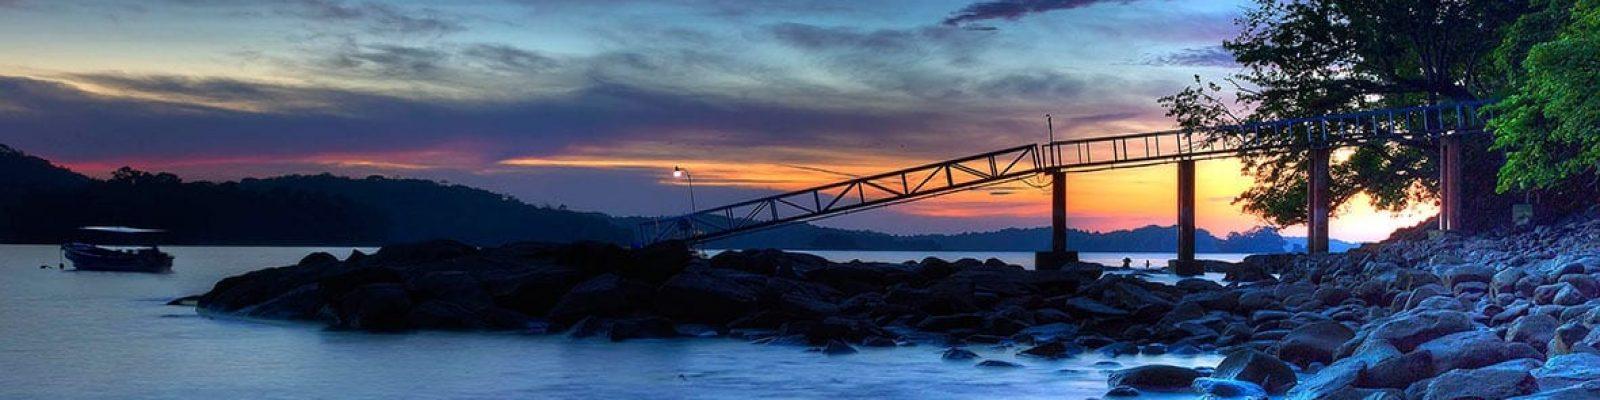 Rocky Panama Shore